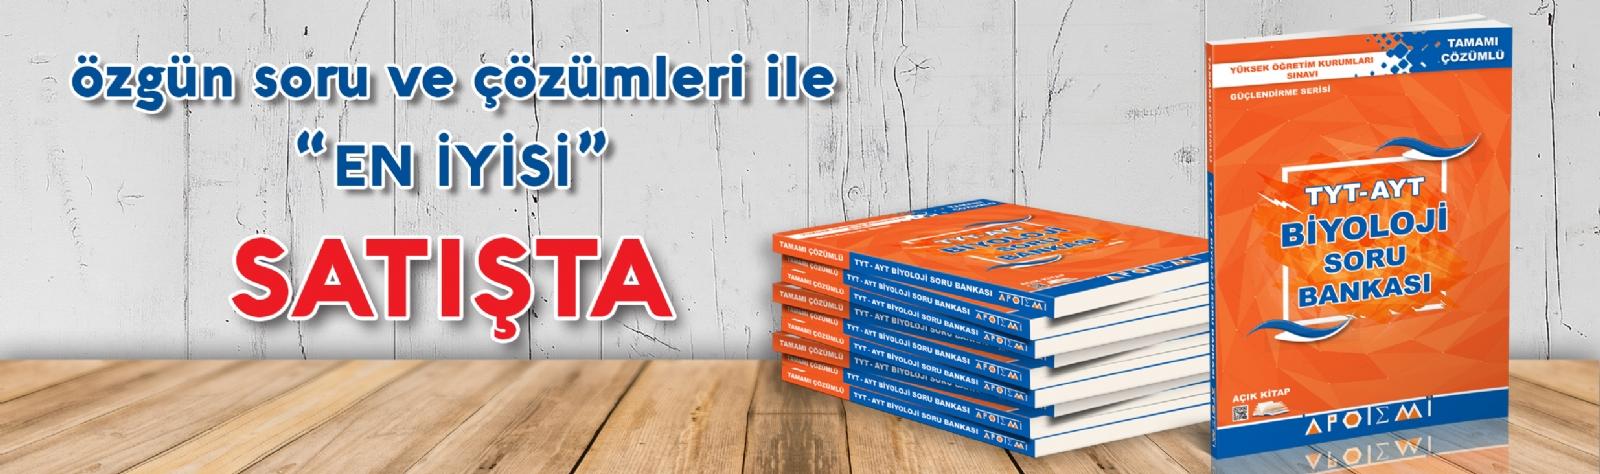 Apotemi Yayınları